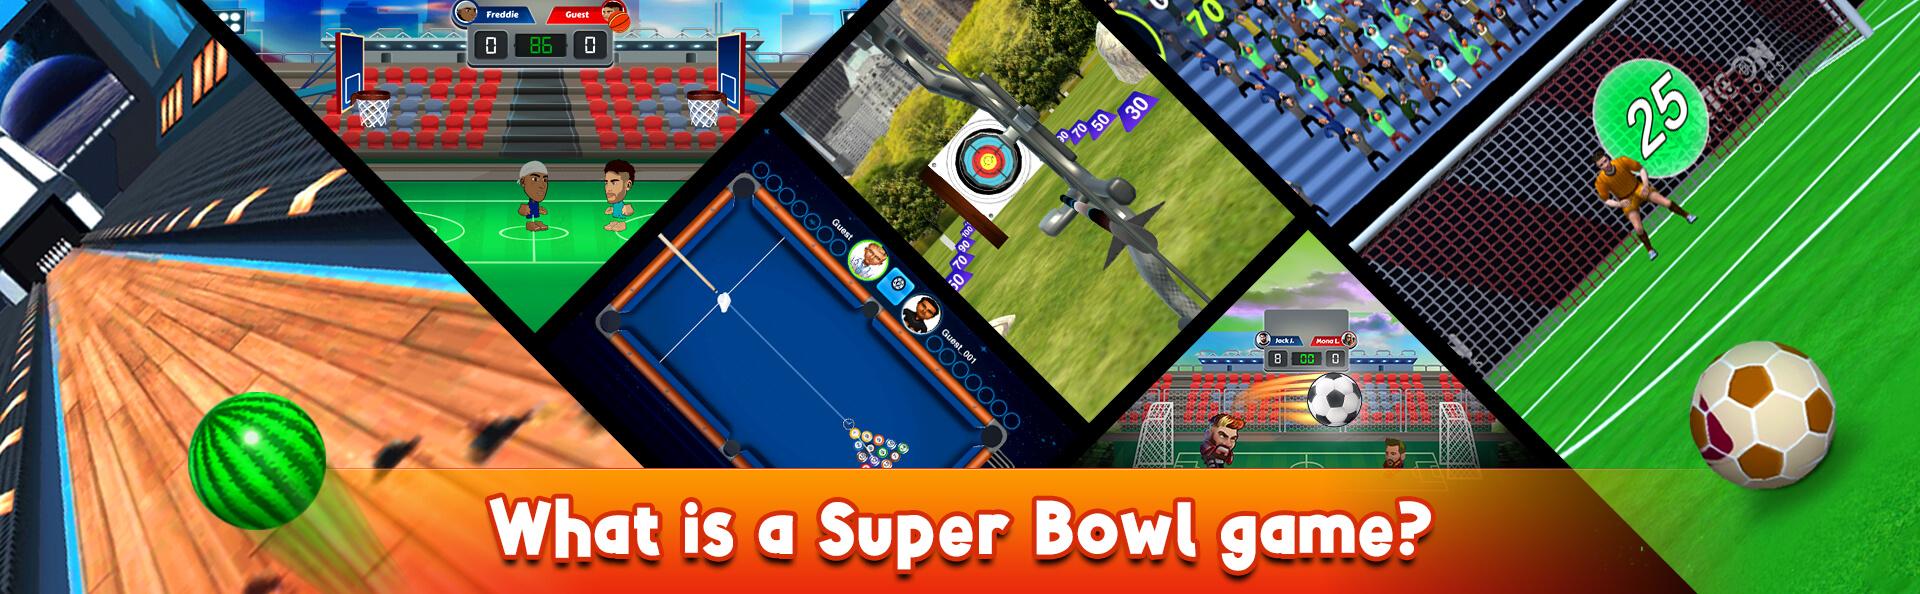 Super Bowl Game Blog Banner